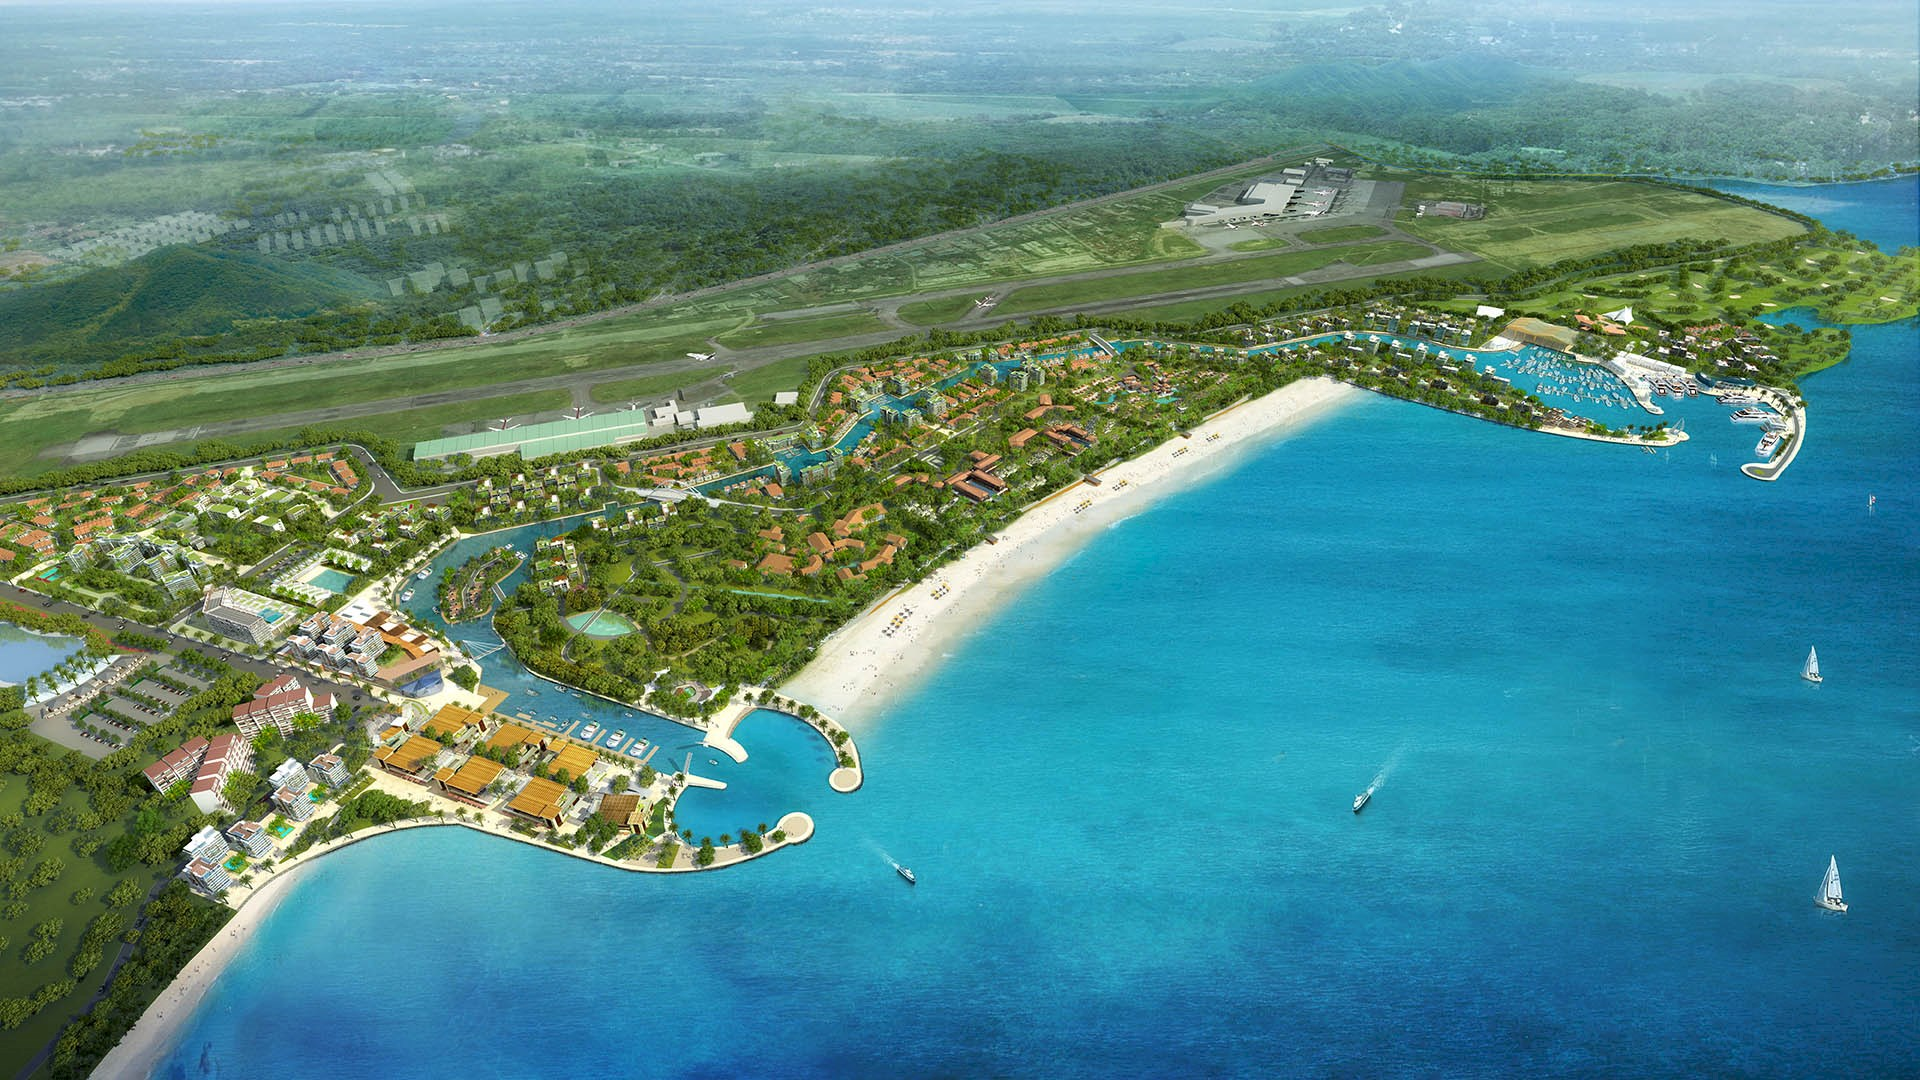 Tanjung Aru Eco Development